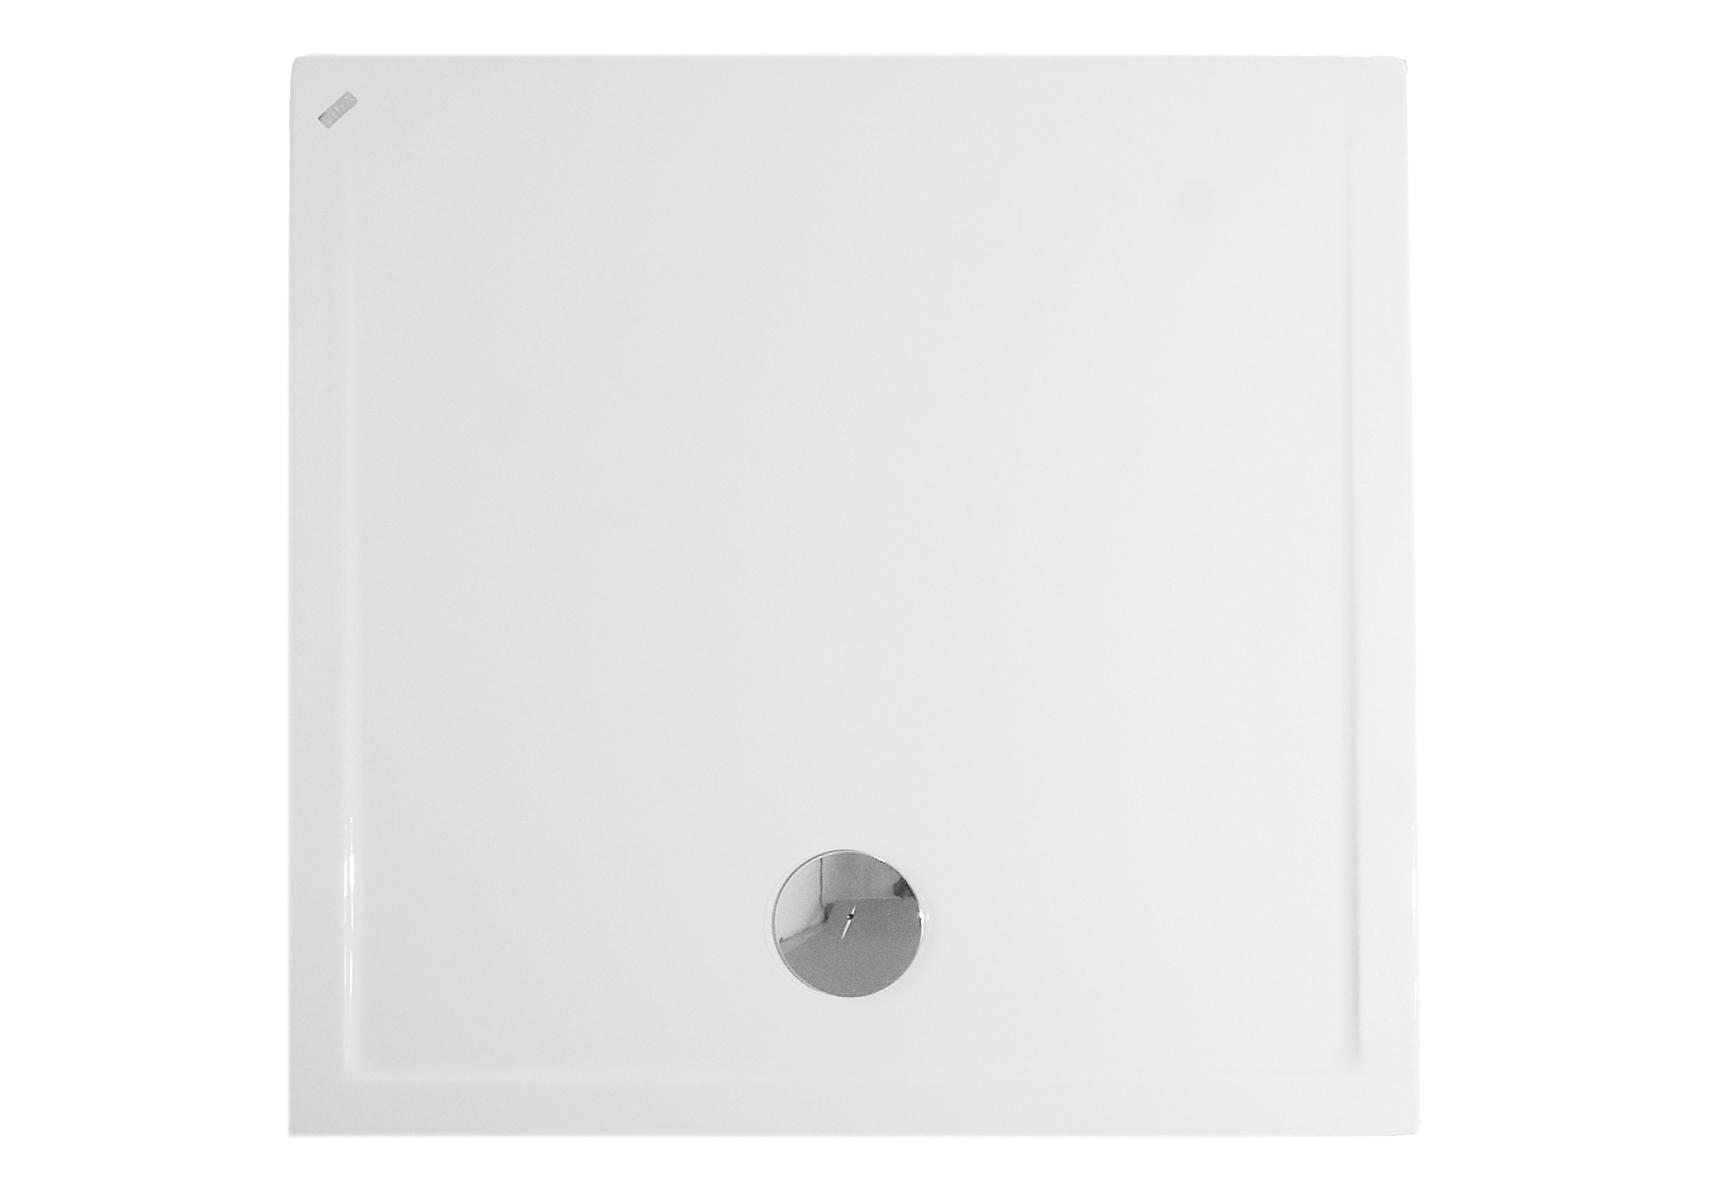 Fit receveur ultra plat en acrylique, 3,2 mm, à poser, carré, 80  x  80 cm, VitrA Antislip